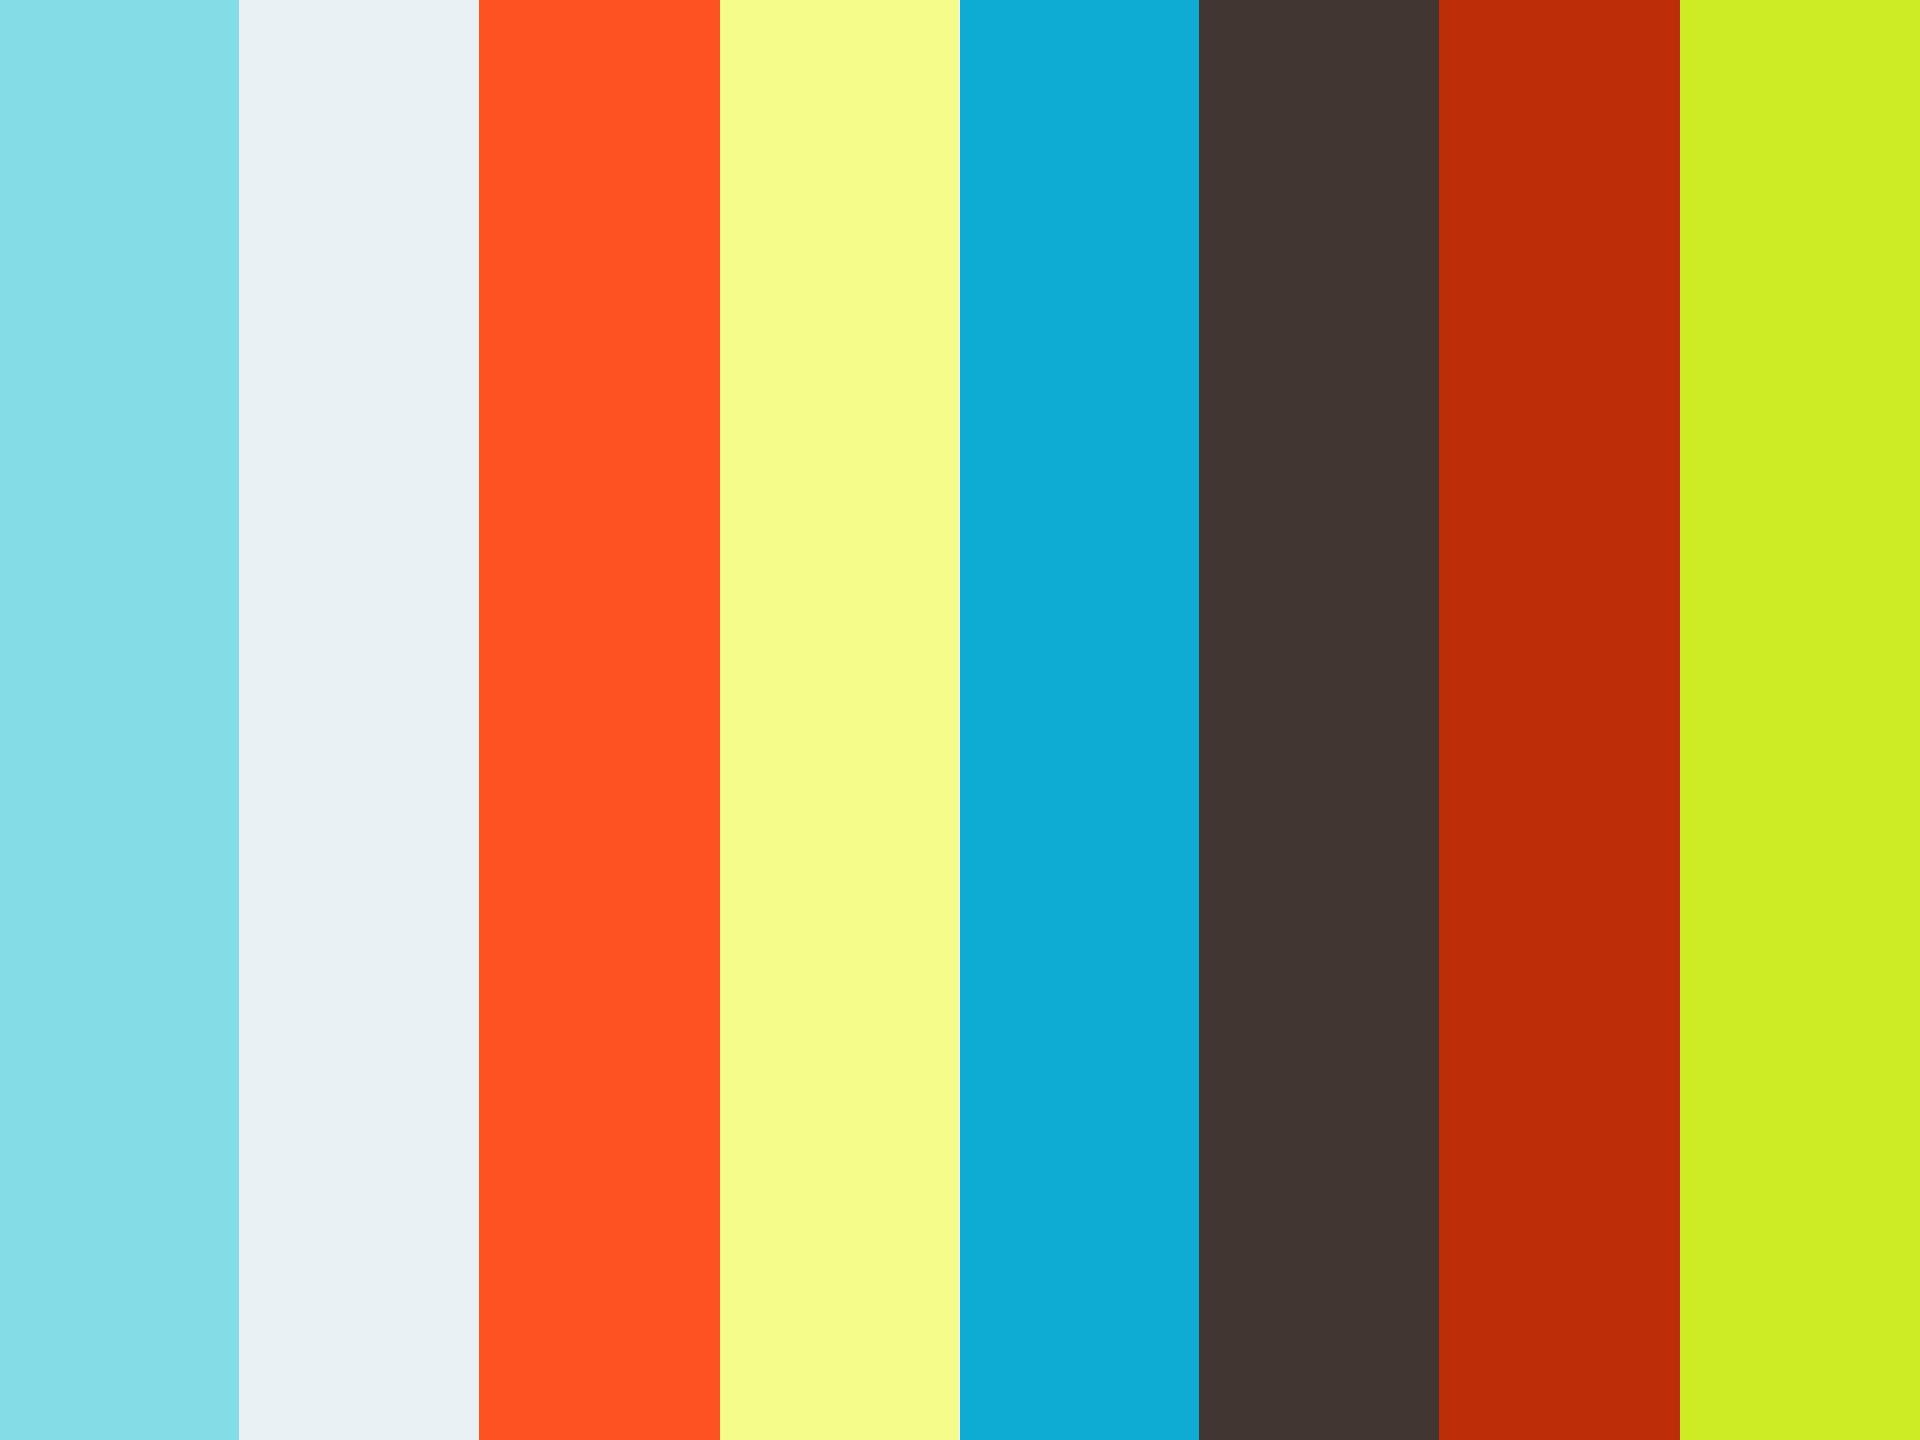 <span class=&quot;slidertitle largescreen&quot; style=&quot;color: #ffffff&quot;>BOREDOM</span> <span class=&quot;slidertitle smallscreen&quot; style=&quot;color: #ffffff&quot;>WATCH VIDEO</span>